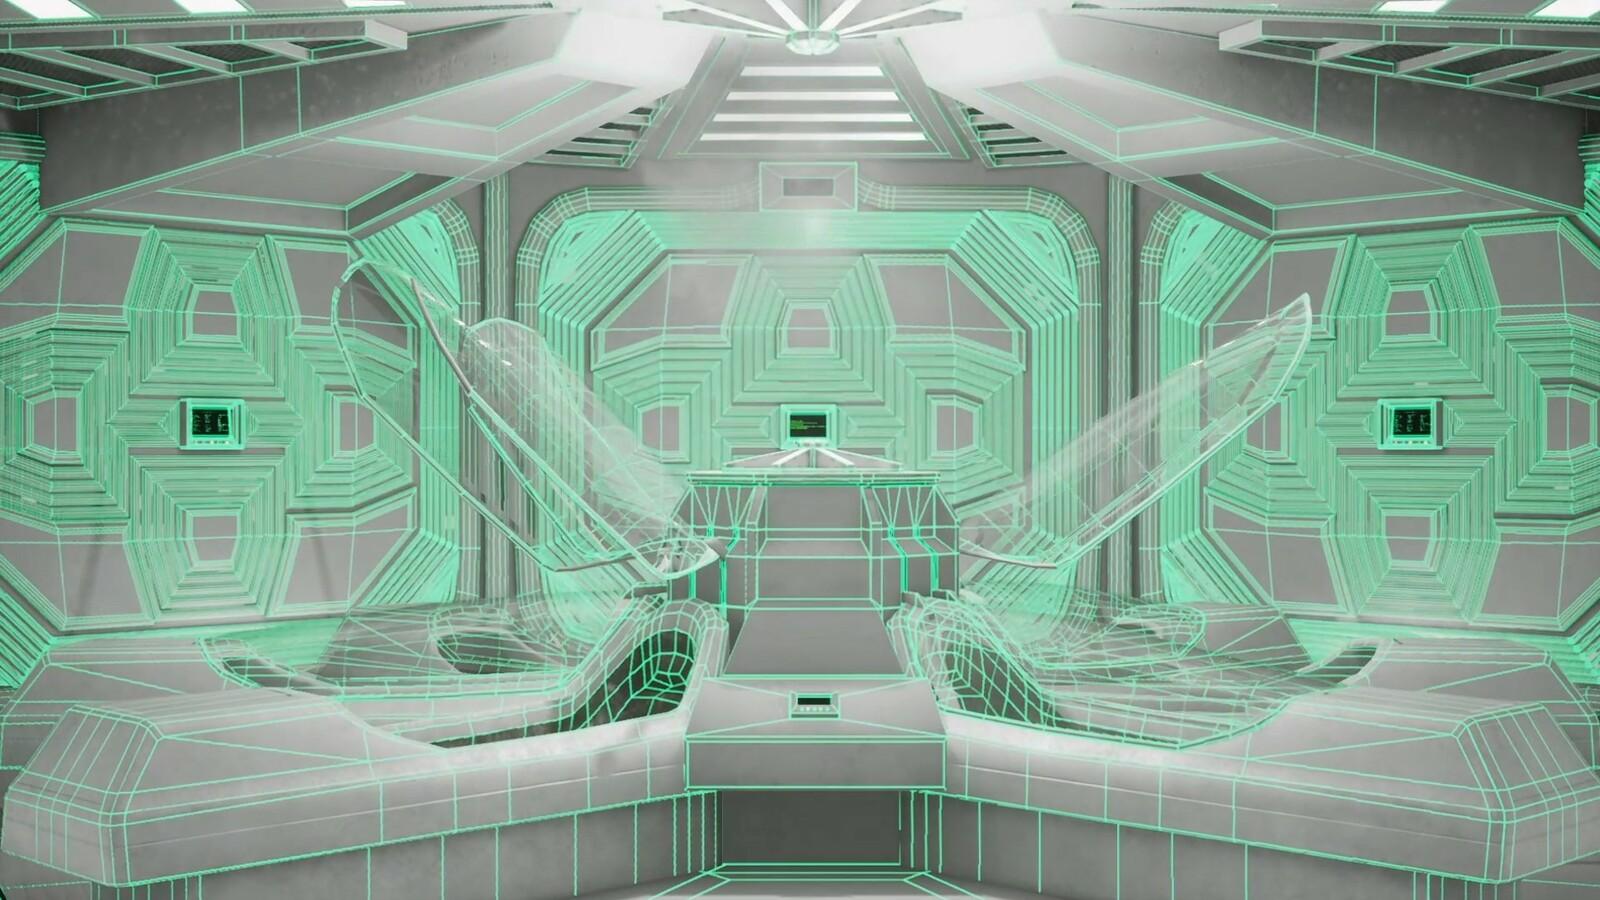 Hypersleep chamber 01 - wireframe